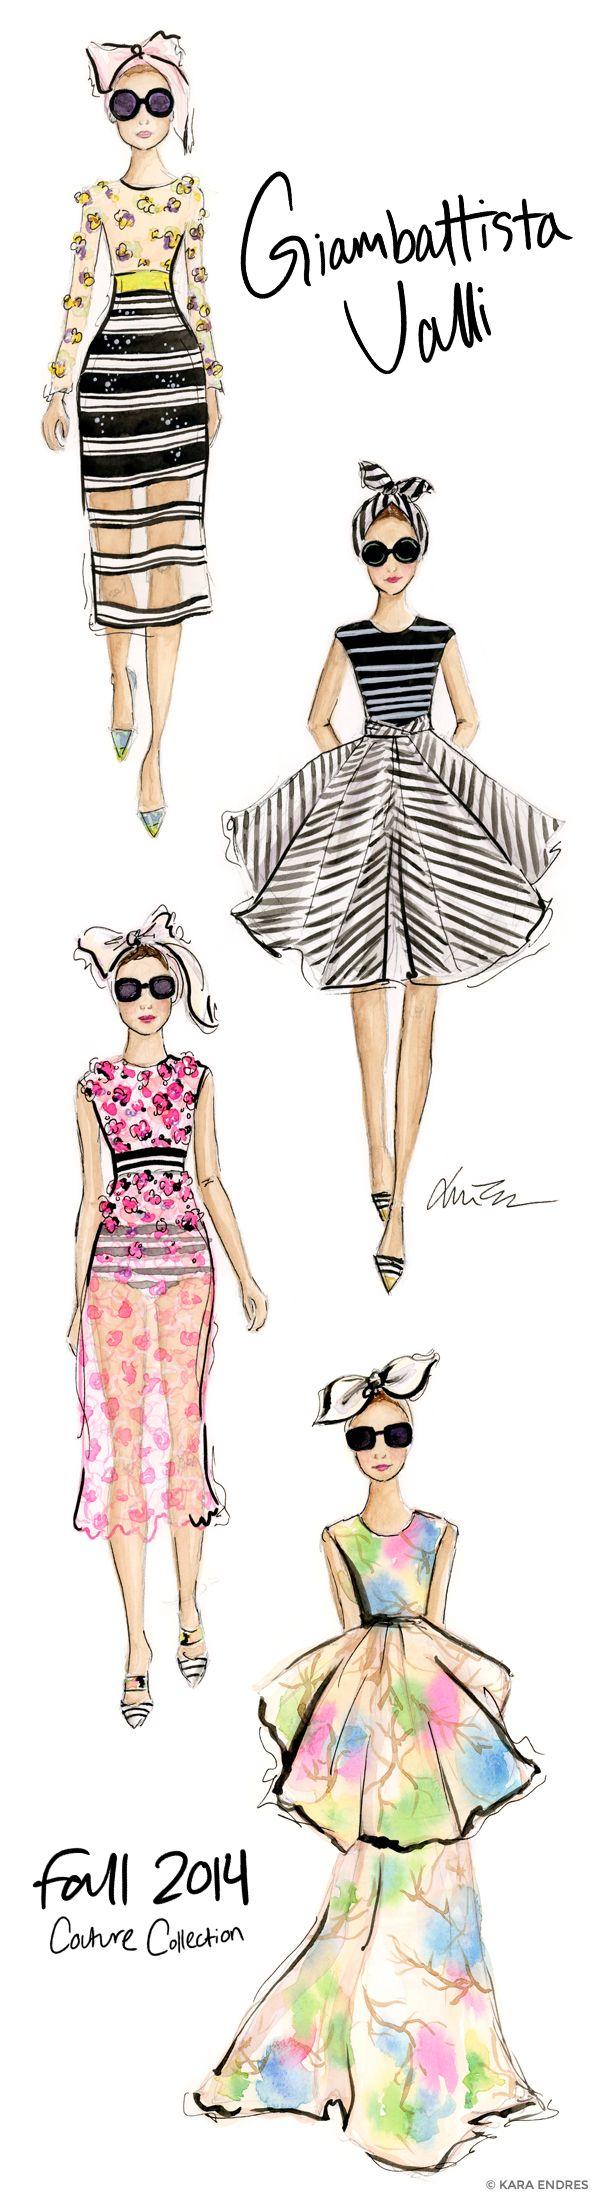 illustration, runway, art, watercolor, fashion, kara endres